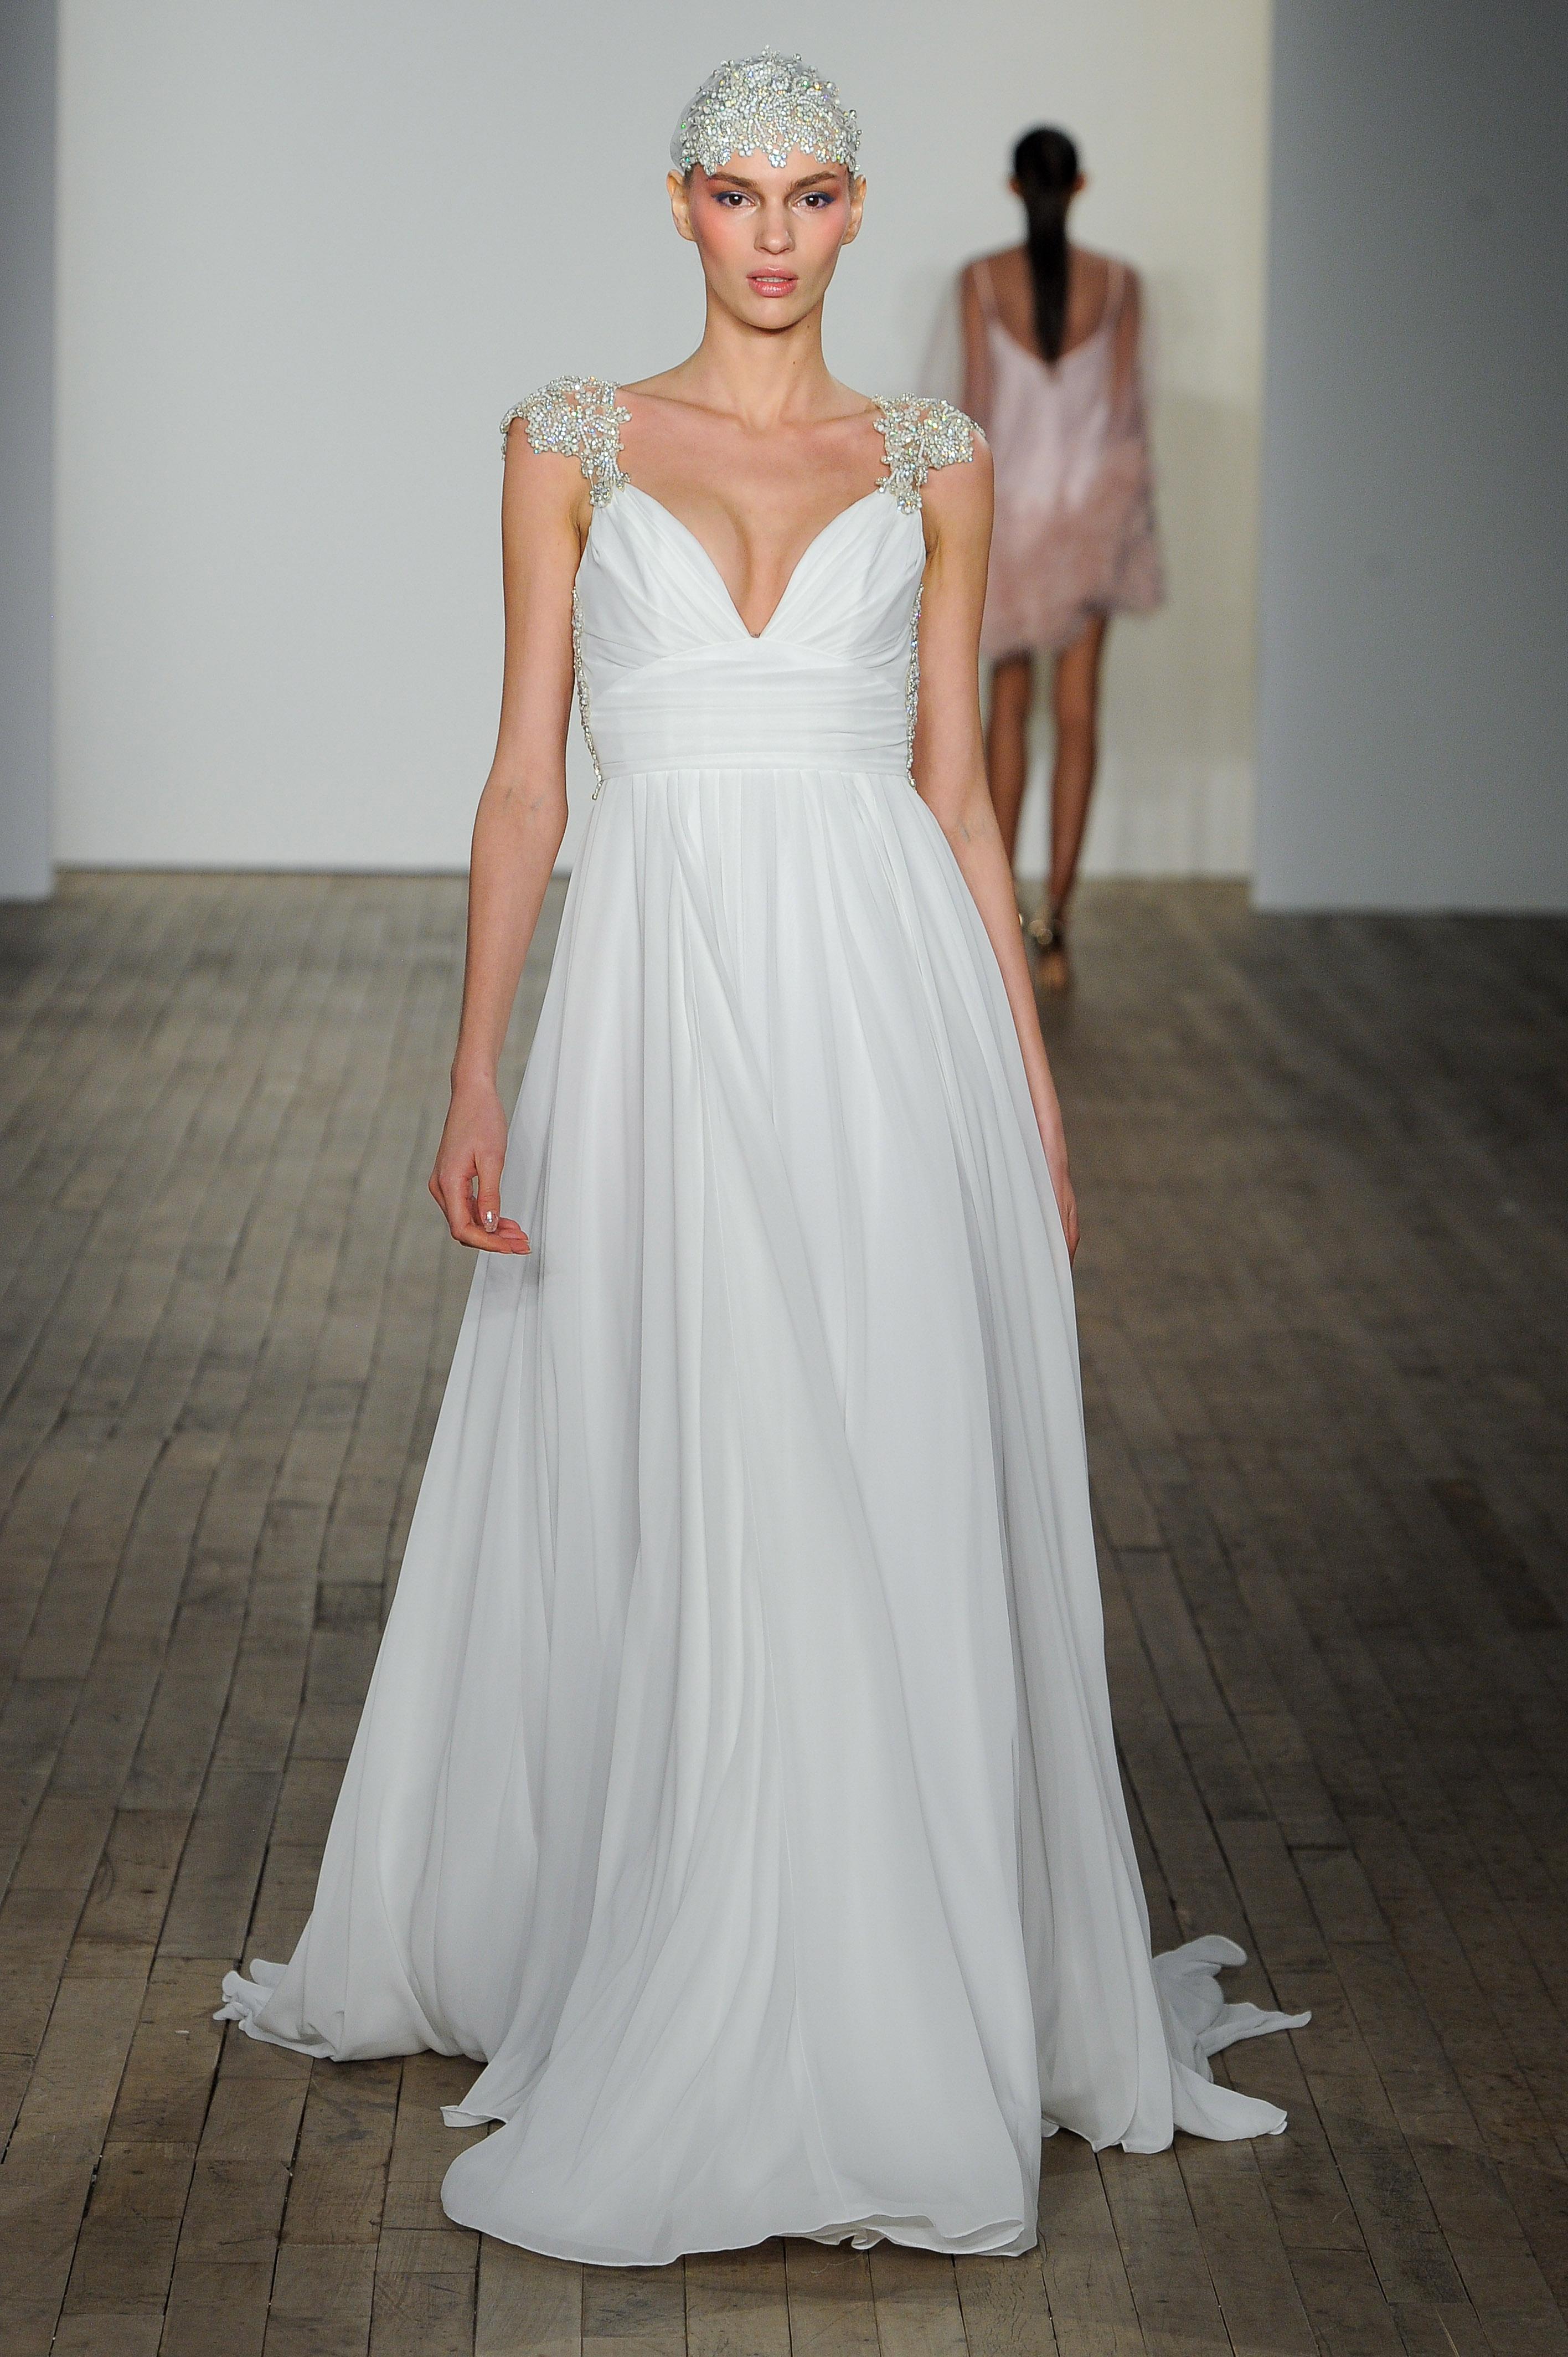 haley paige fall 2019 cap sleeve vertical ruffles wedding dress